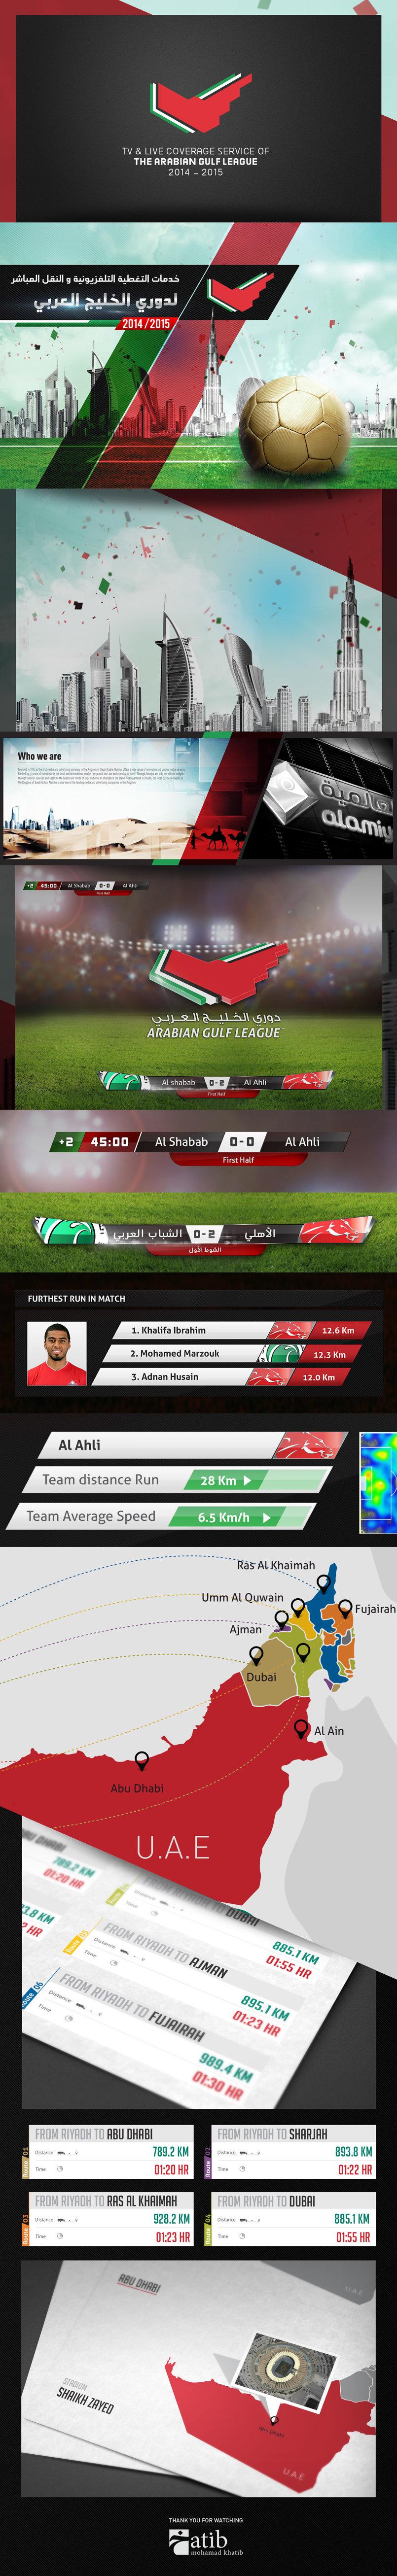 Arabian Gulf League 2014-2015